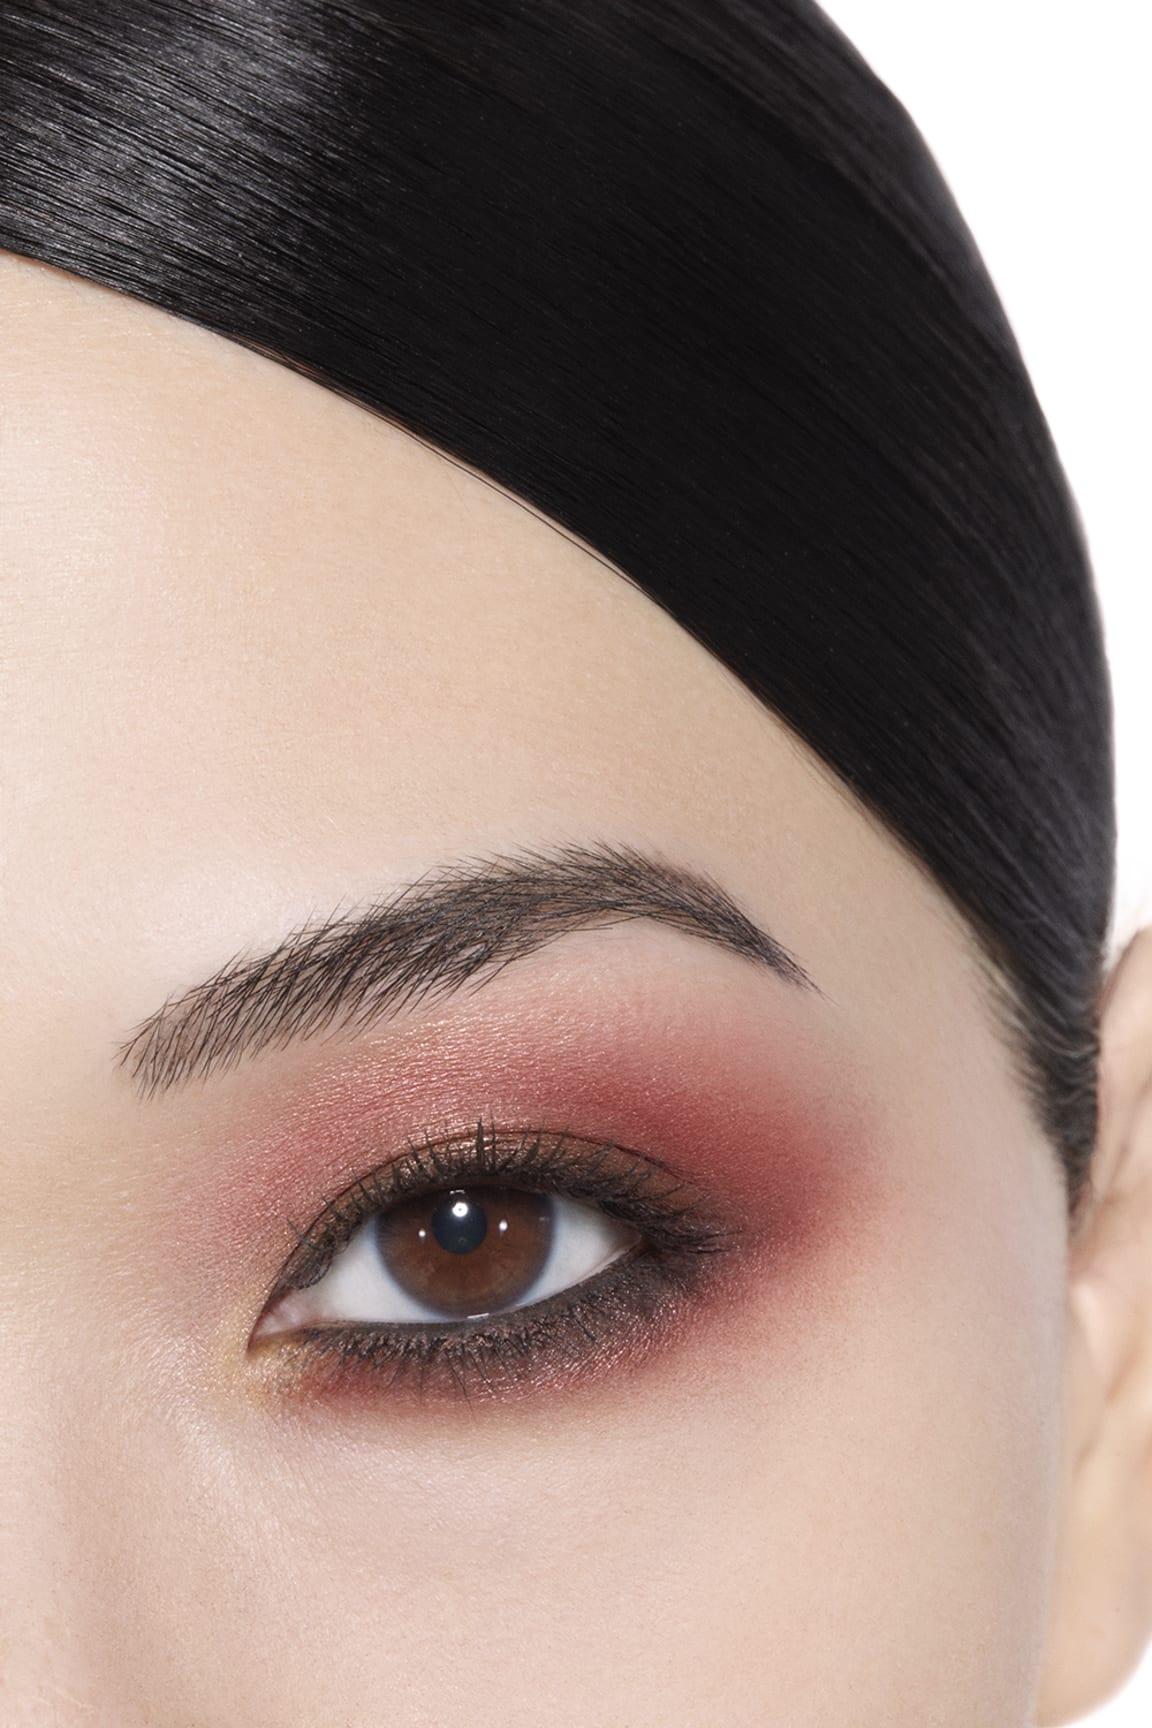 Application makeup visual 1 - ÉCLAT ÉNIGMATIQUE Exclusive Creation. Limited edition. ÉCLAT ÉNIGMATIQUE